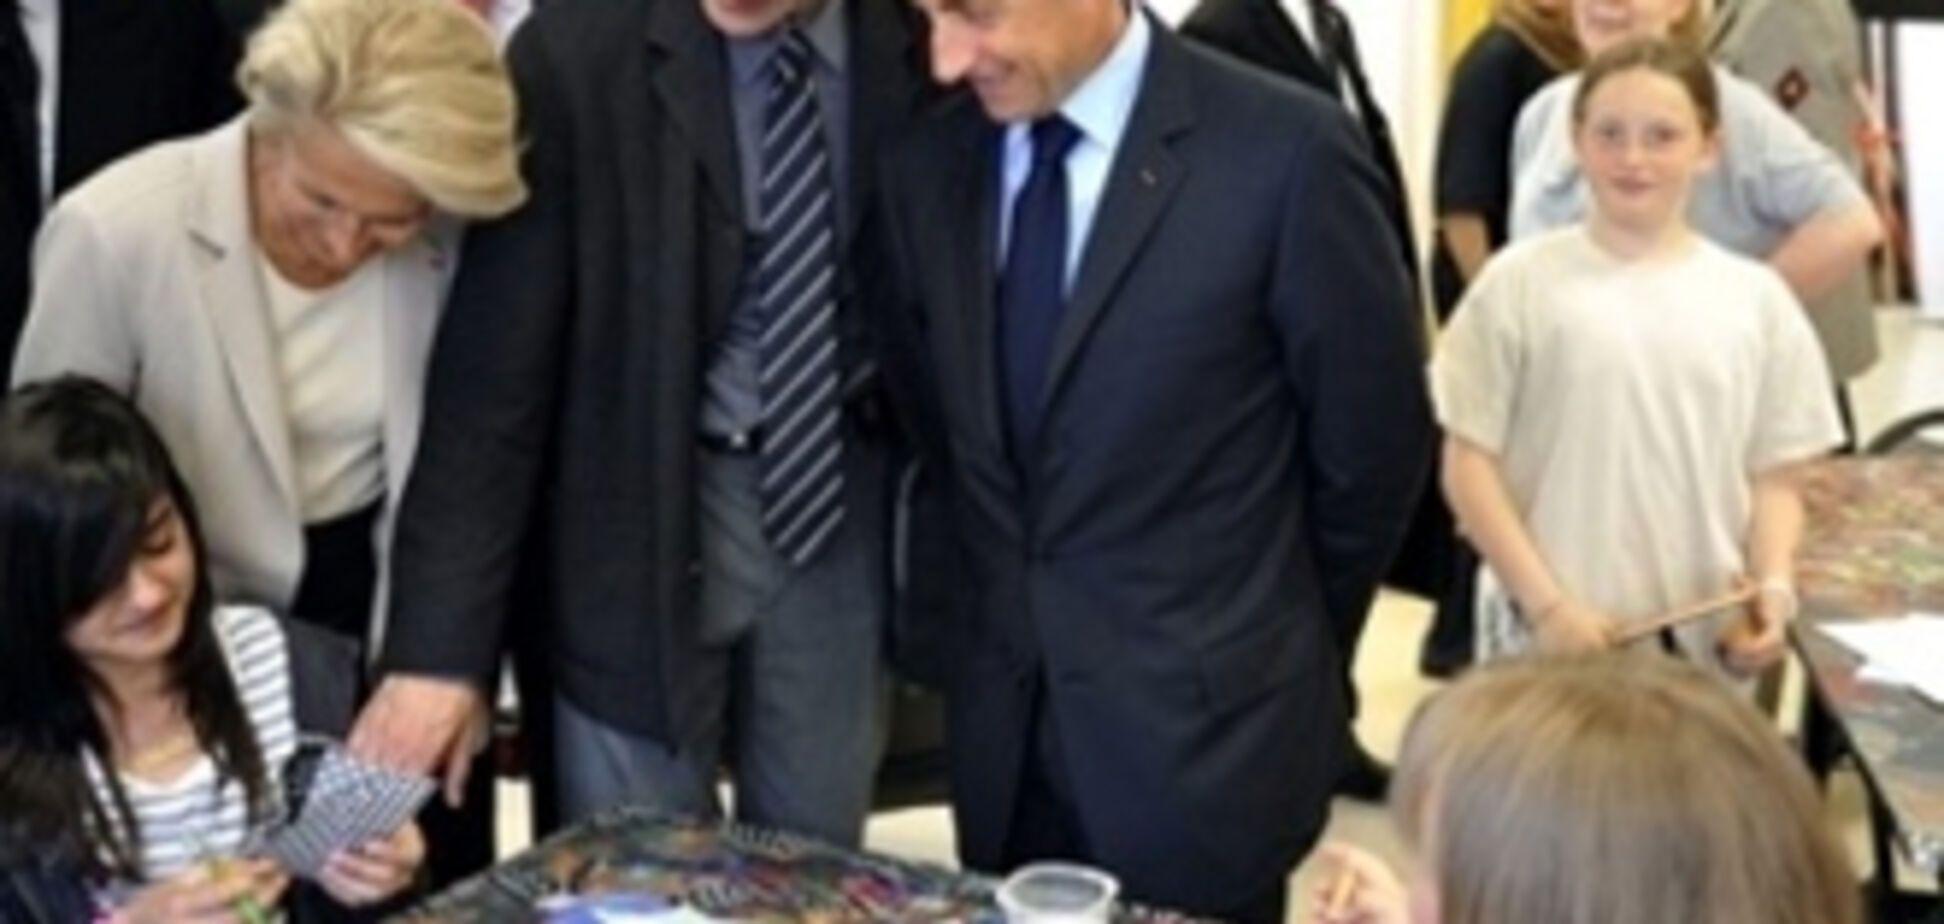 Охоронець врятував Саркозі від нападу школяра